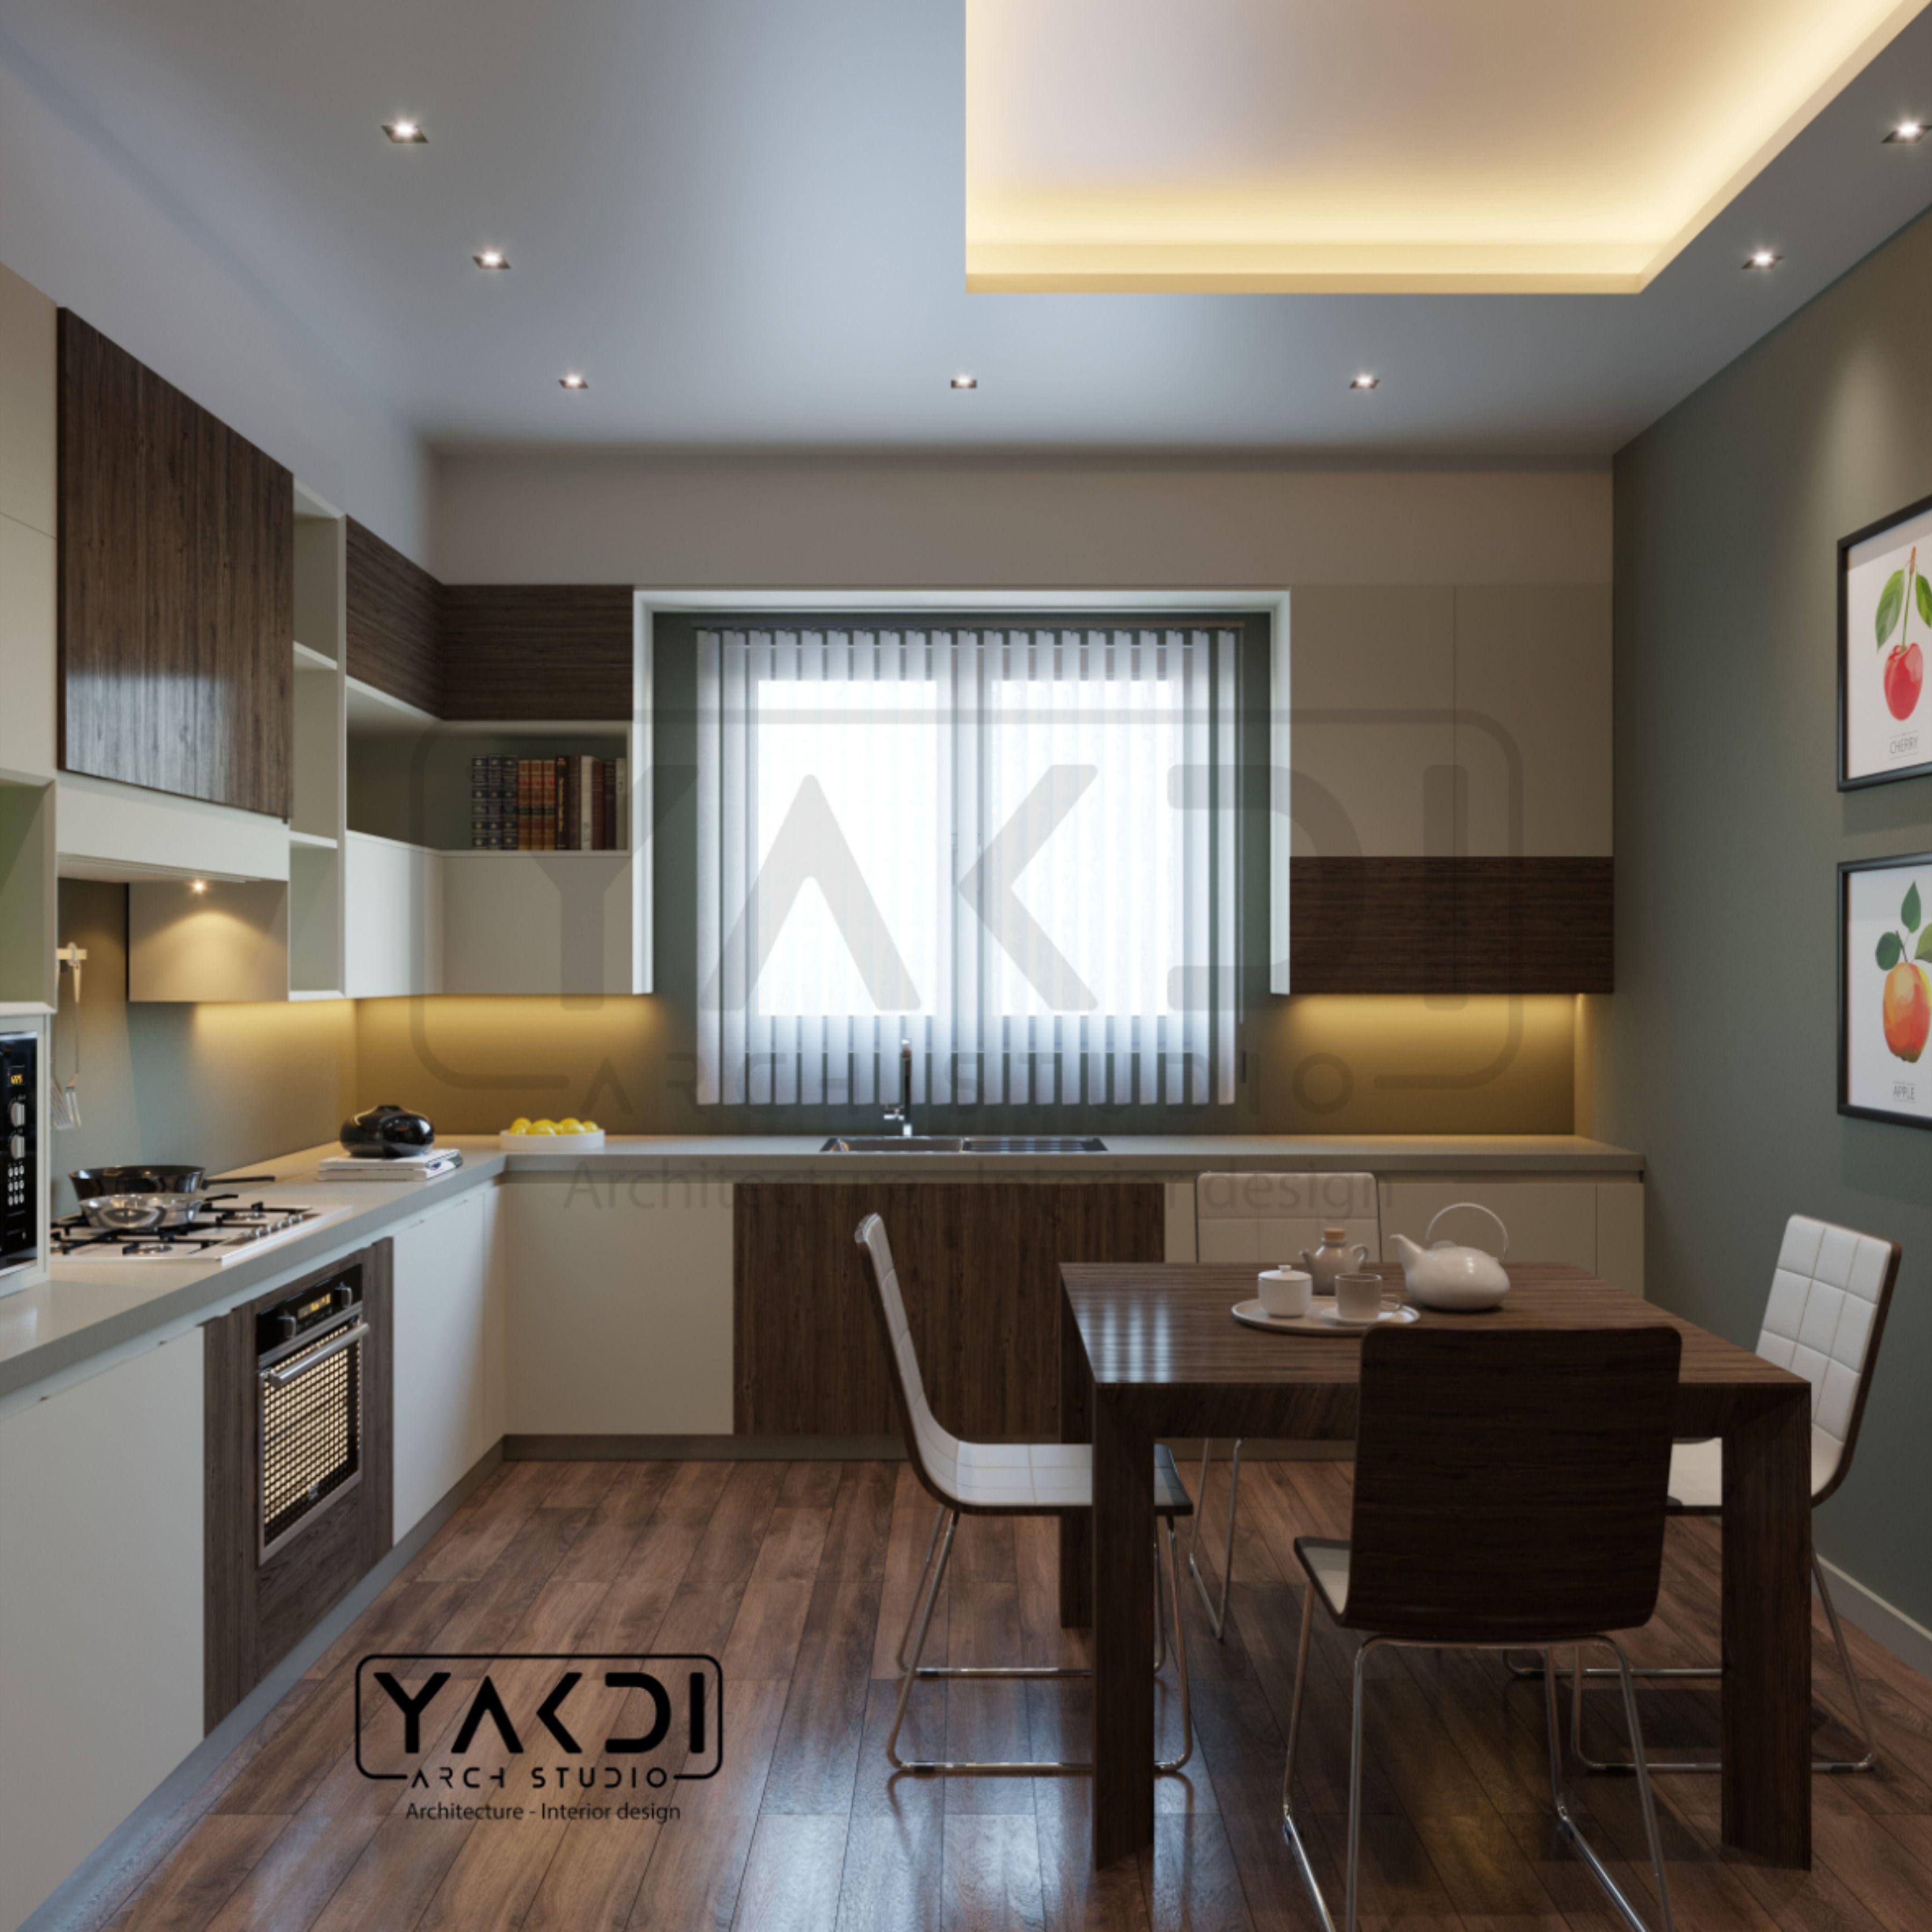 Minimalist Kitchen In 2020 Kitchen Furniture Design Luxury Kitchen Cabinets Minimalist Kitchen